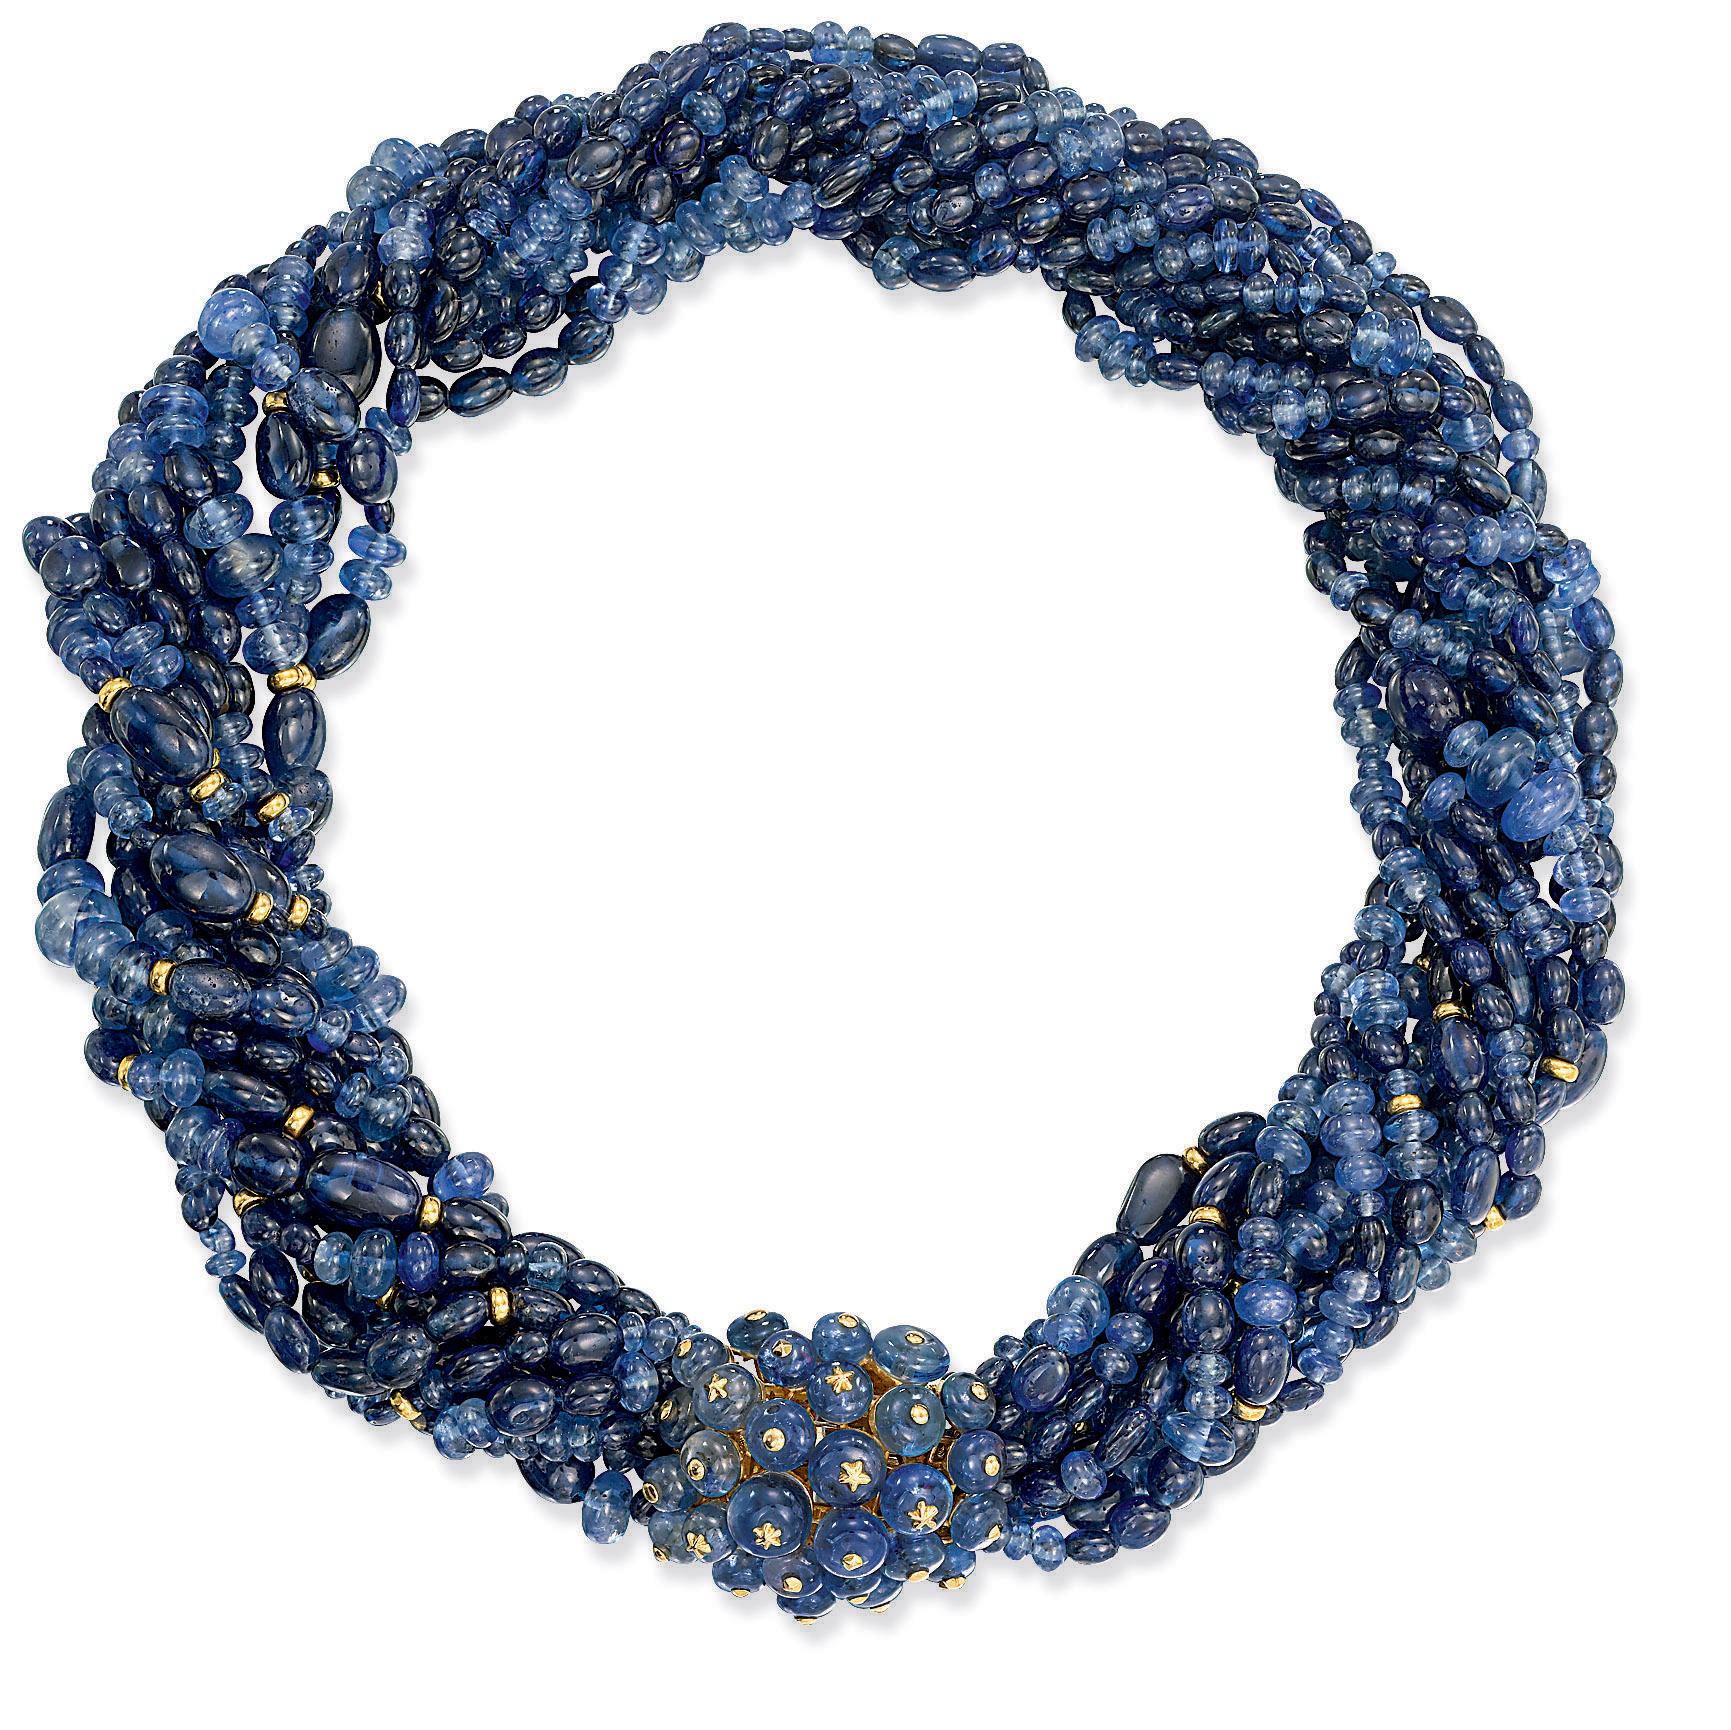 Torsade Necklace: A SAPPHIRE TORSADE NECKLACE